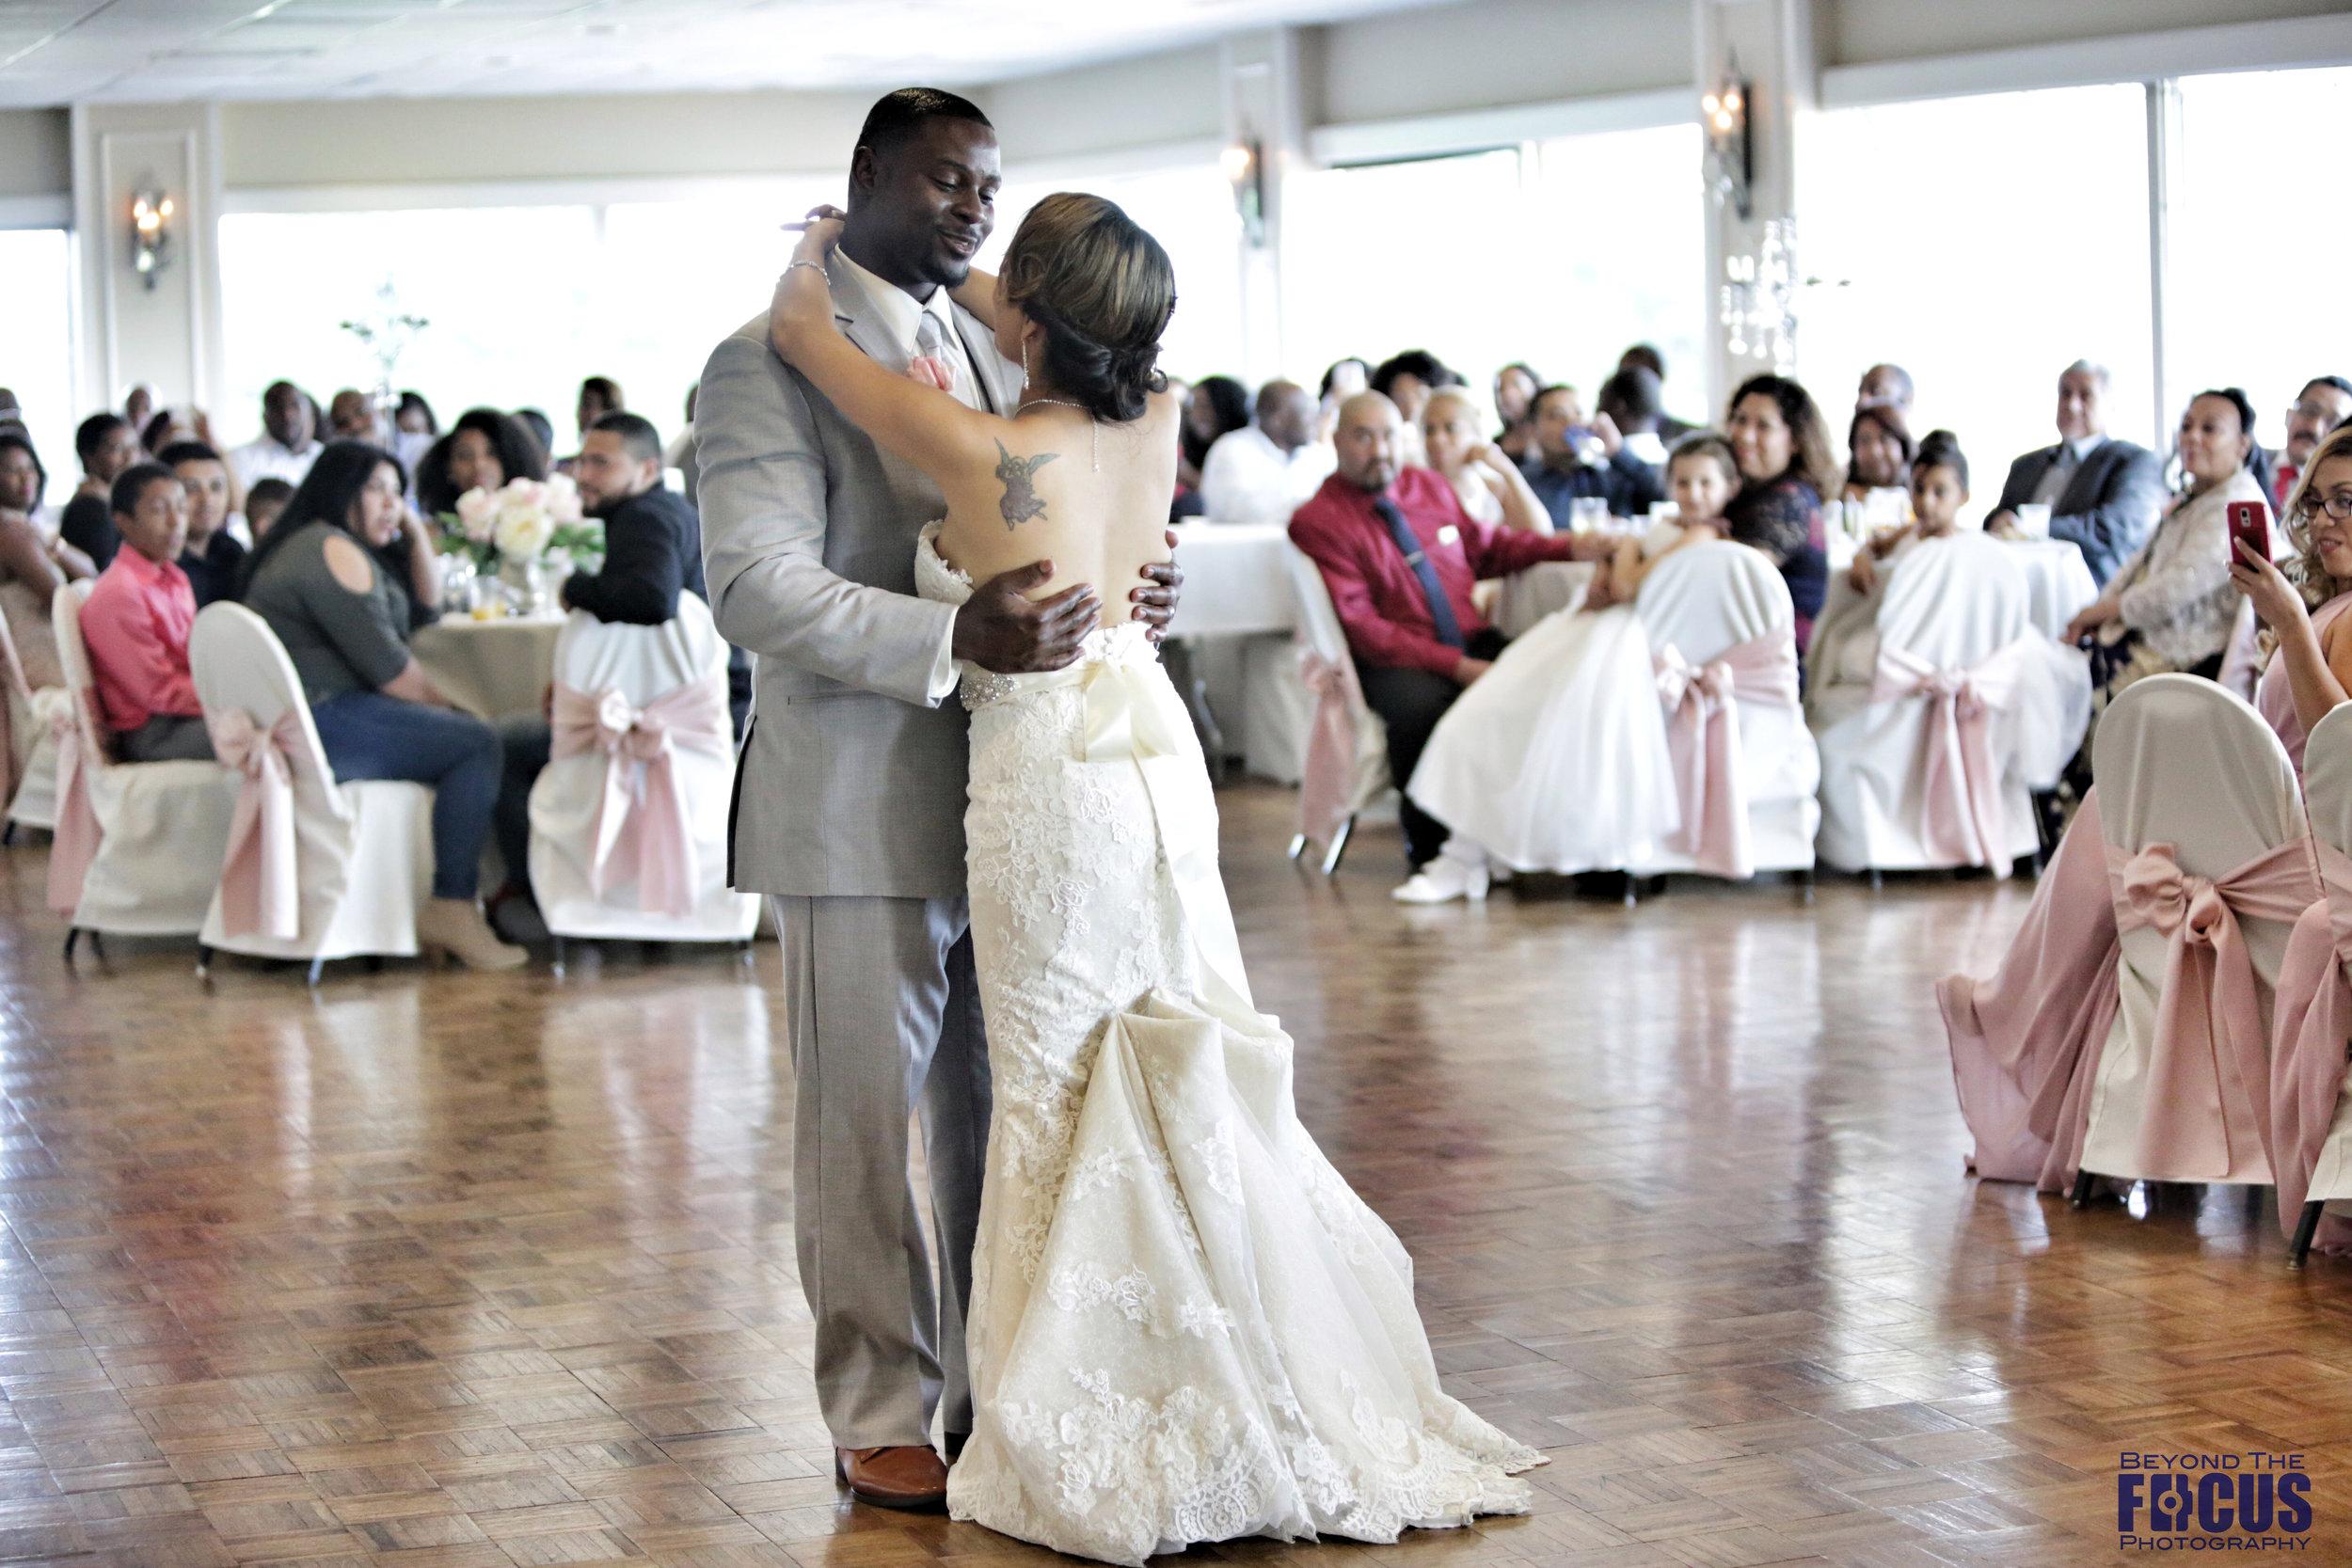 Palmer Wedding - Wedding Reception26.jpg